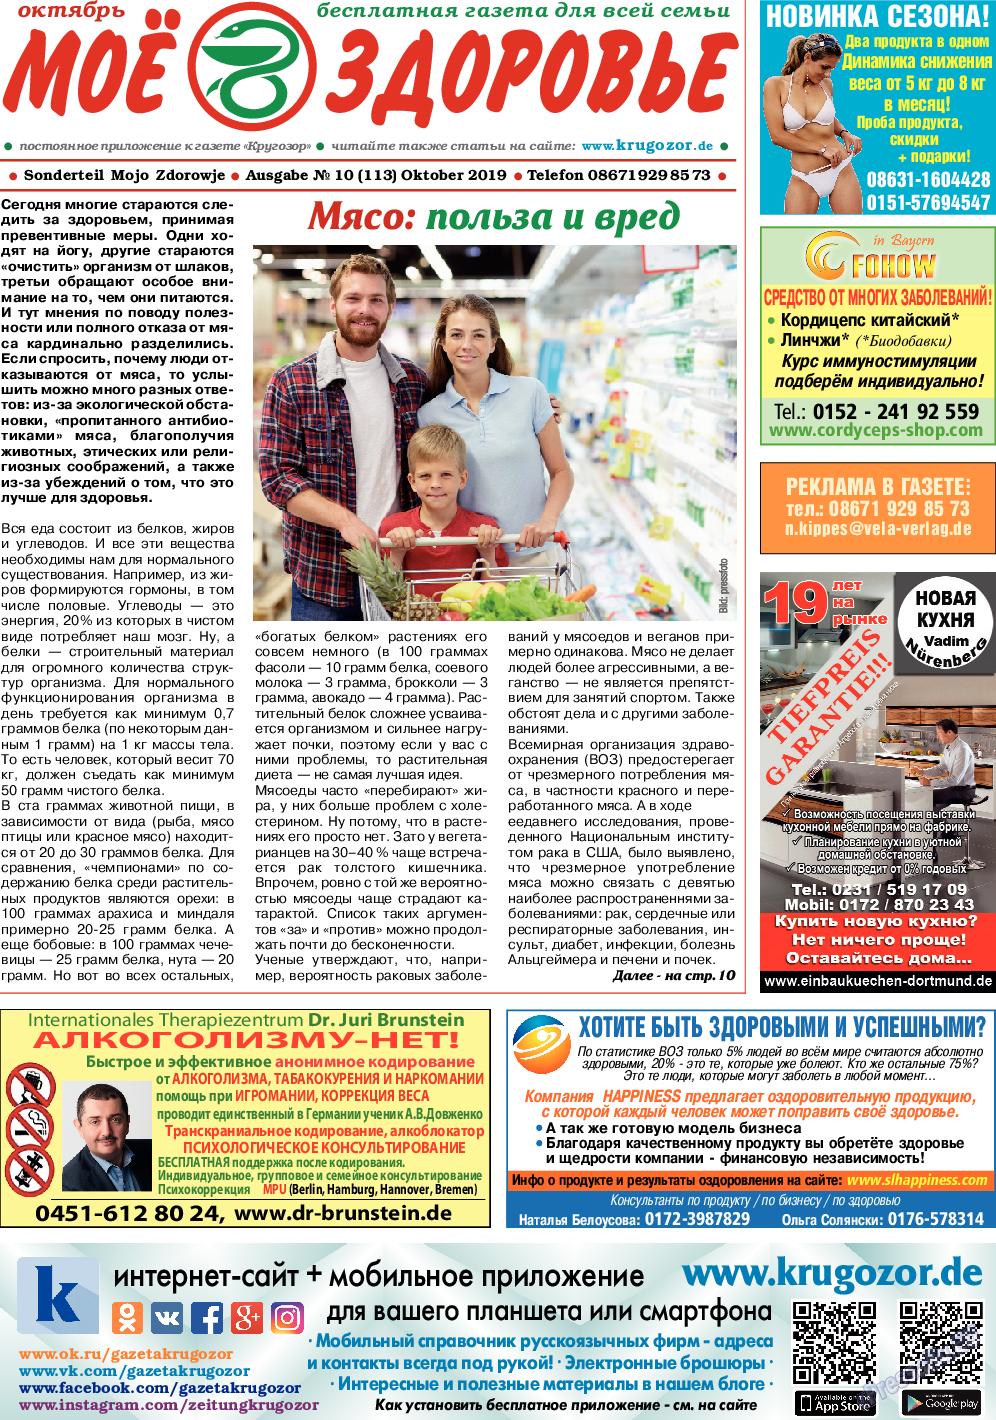 Кругозор (газета). 2019 год, номер 10, стр. 9